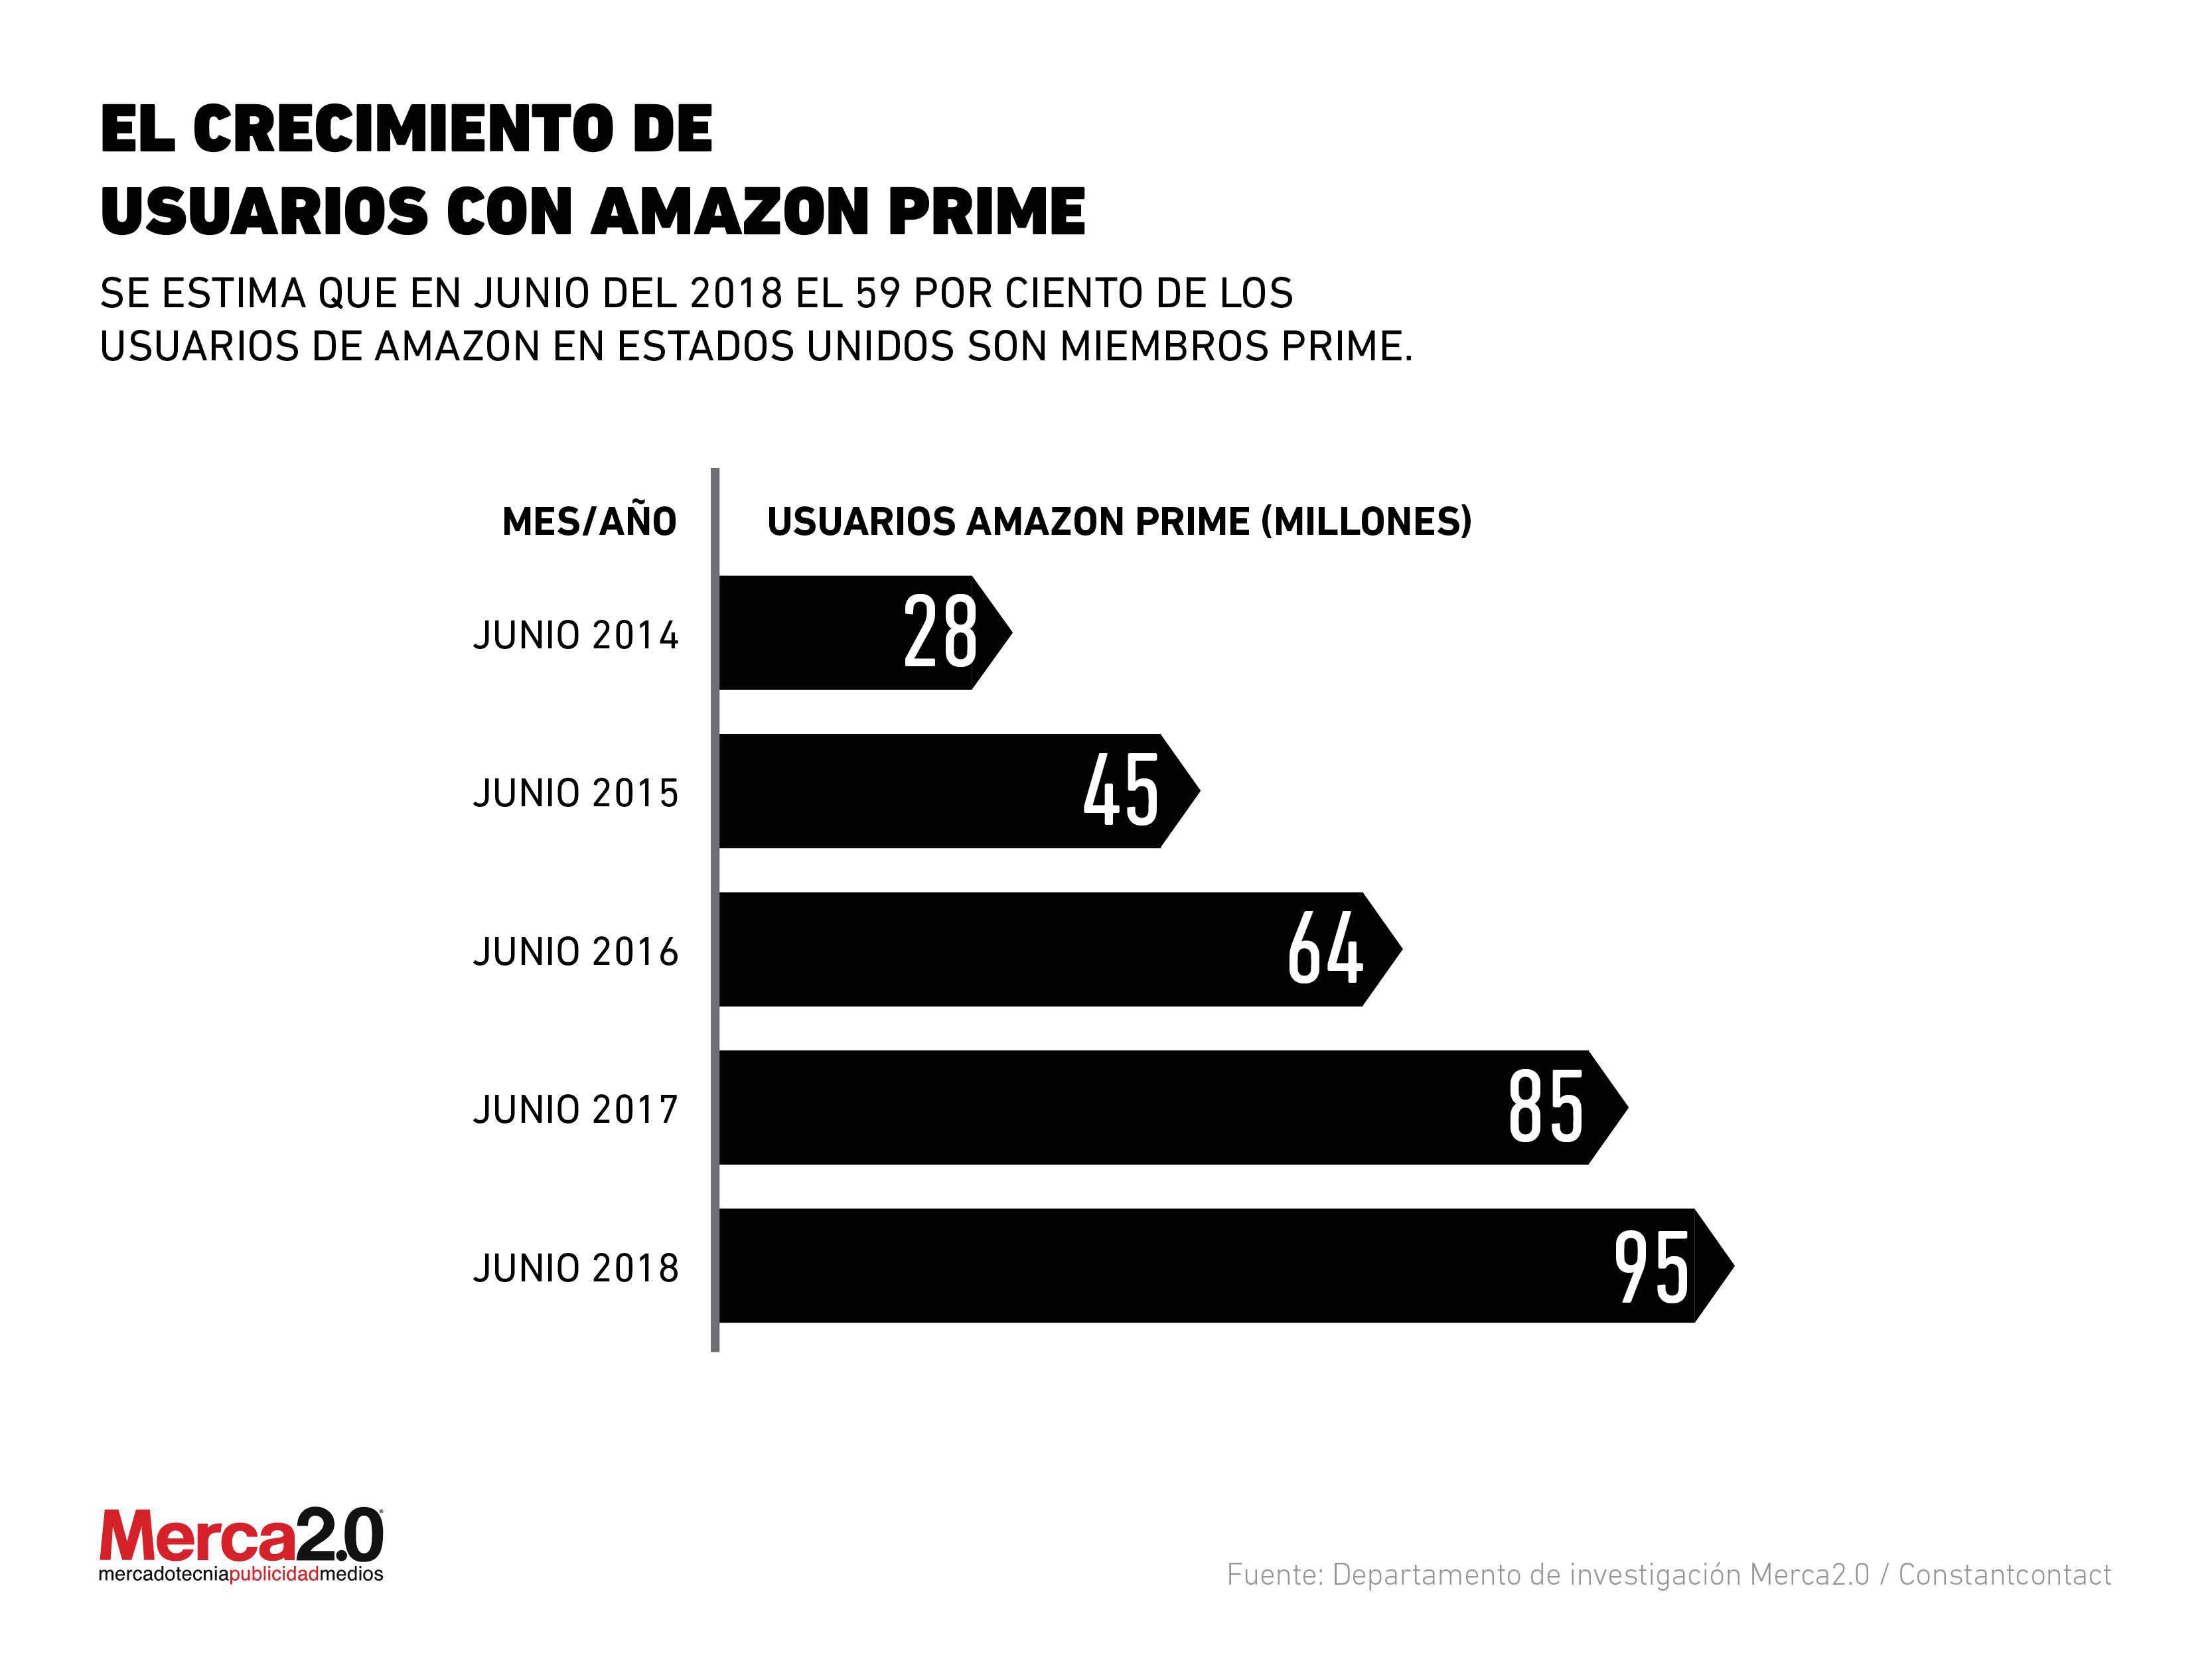 El crecimiendo de usuarios con Amazon Prime